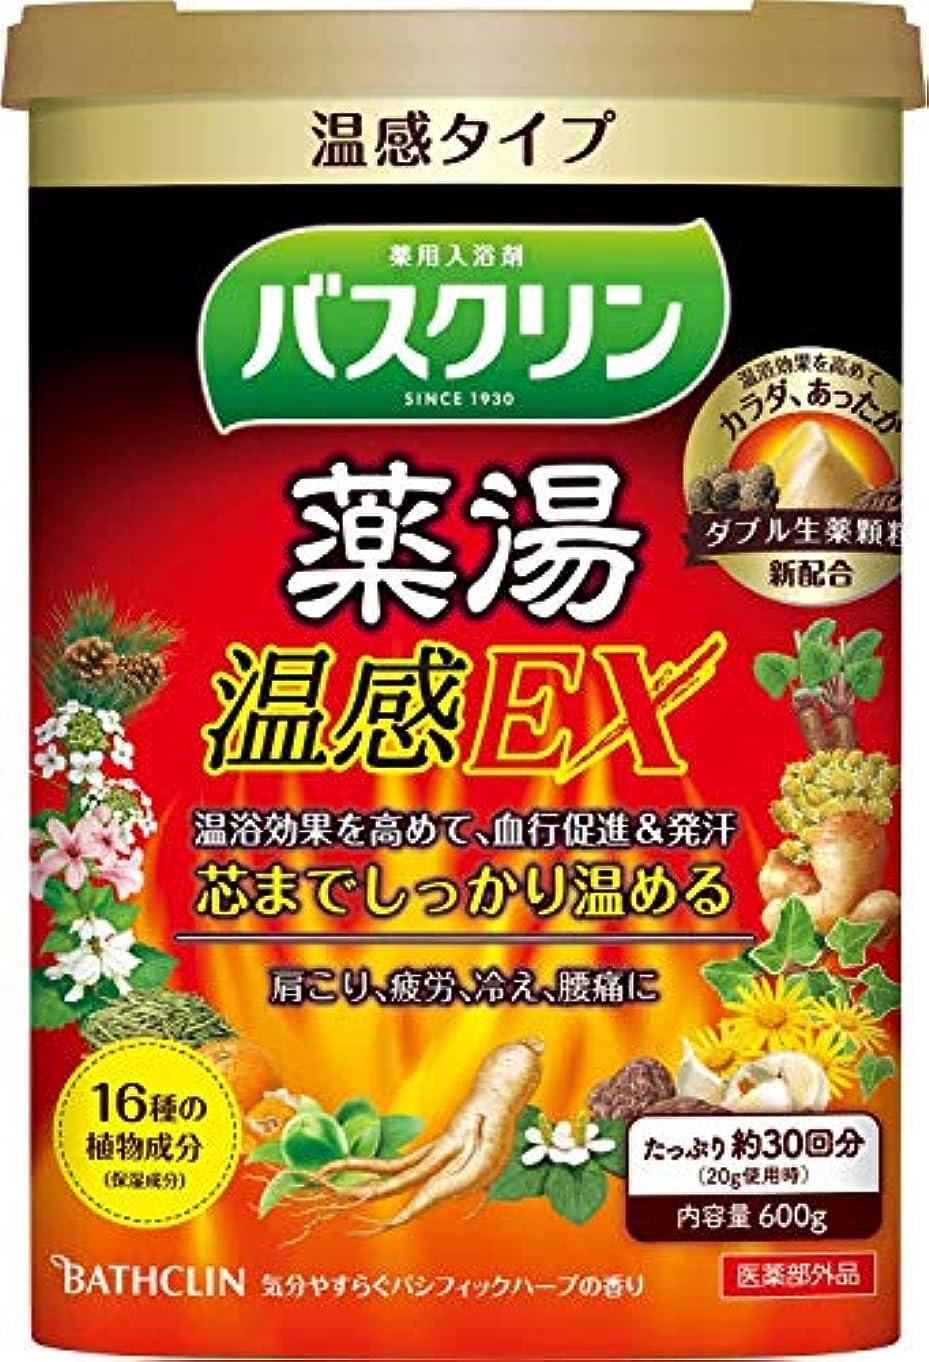 革命ゴミ箱カメ【医薬部外品】バスクリン薬湯入浴剤 温感EX600g(約30回分) 疲労回復